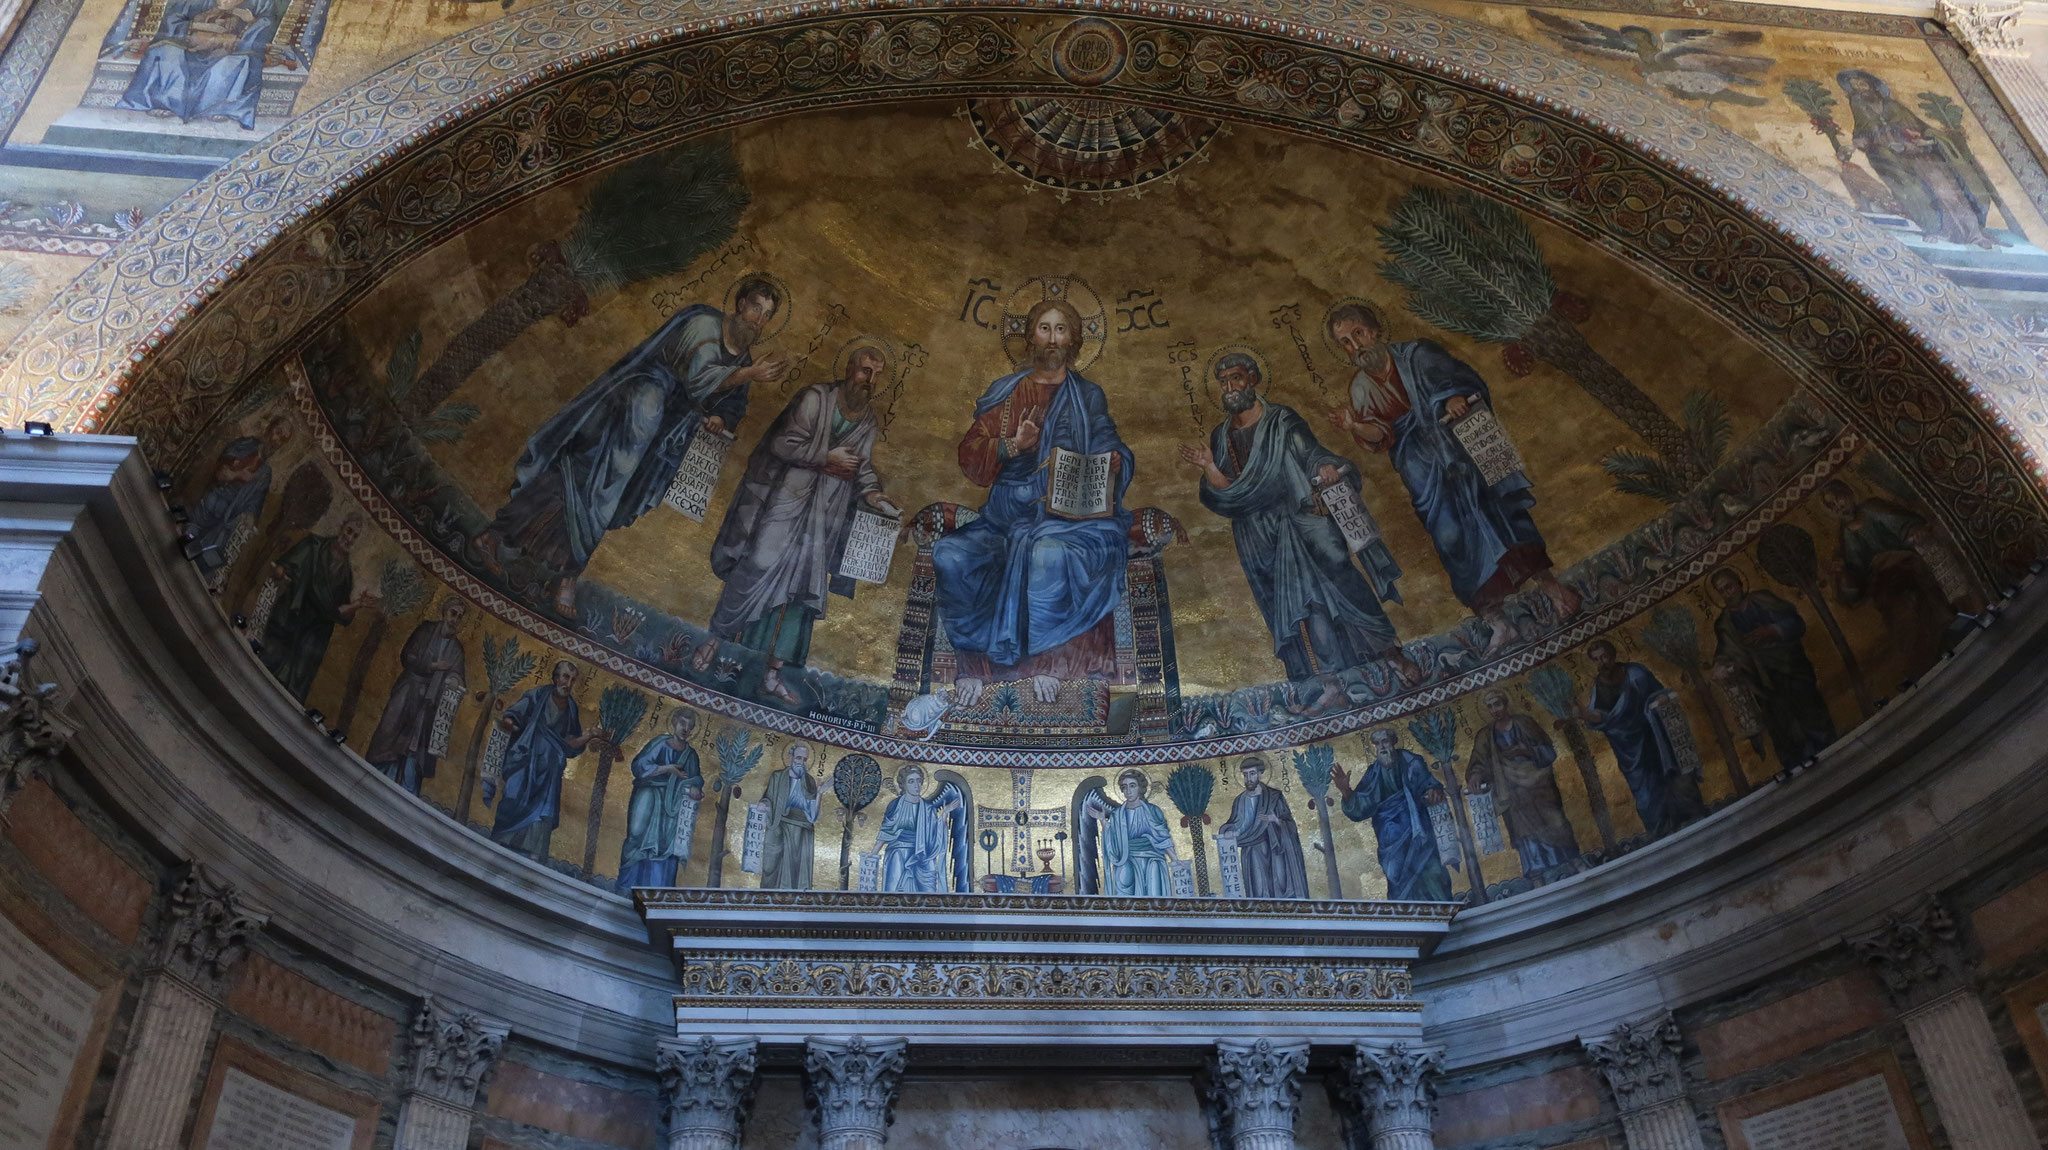 ヴェネツィア派のモザイクで飾られた後陣の天井